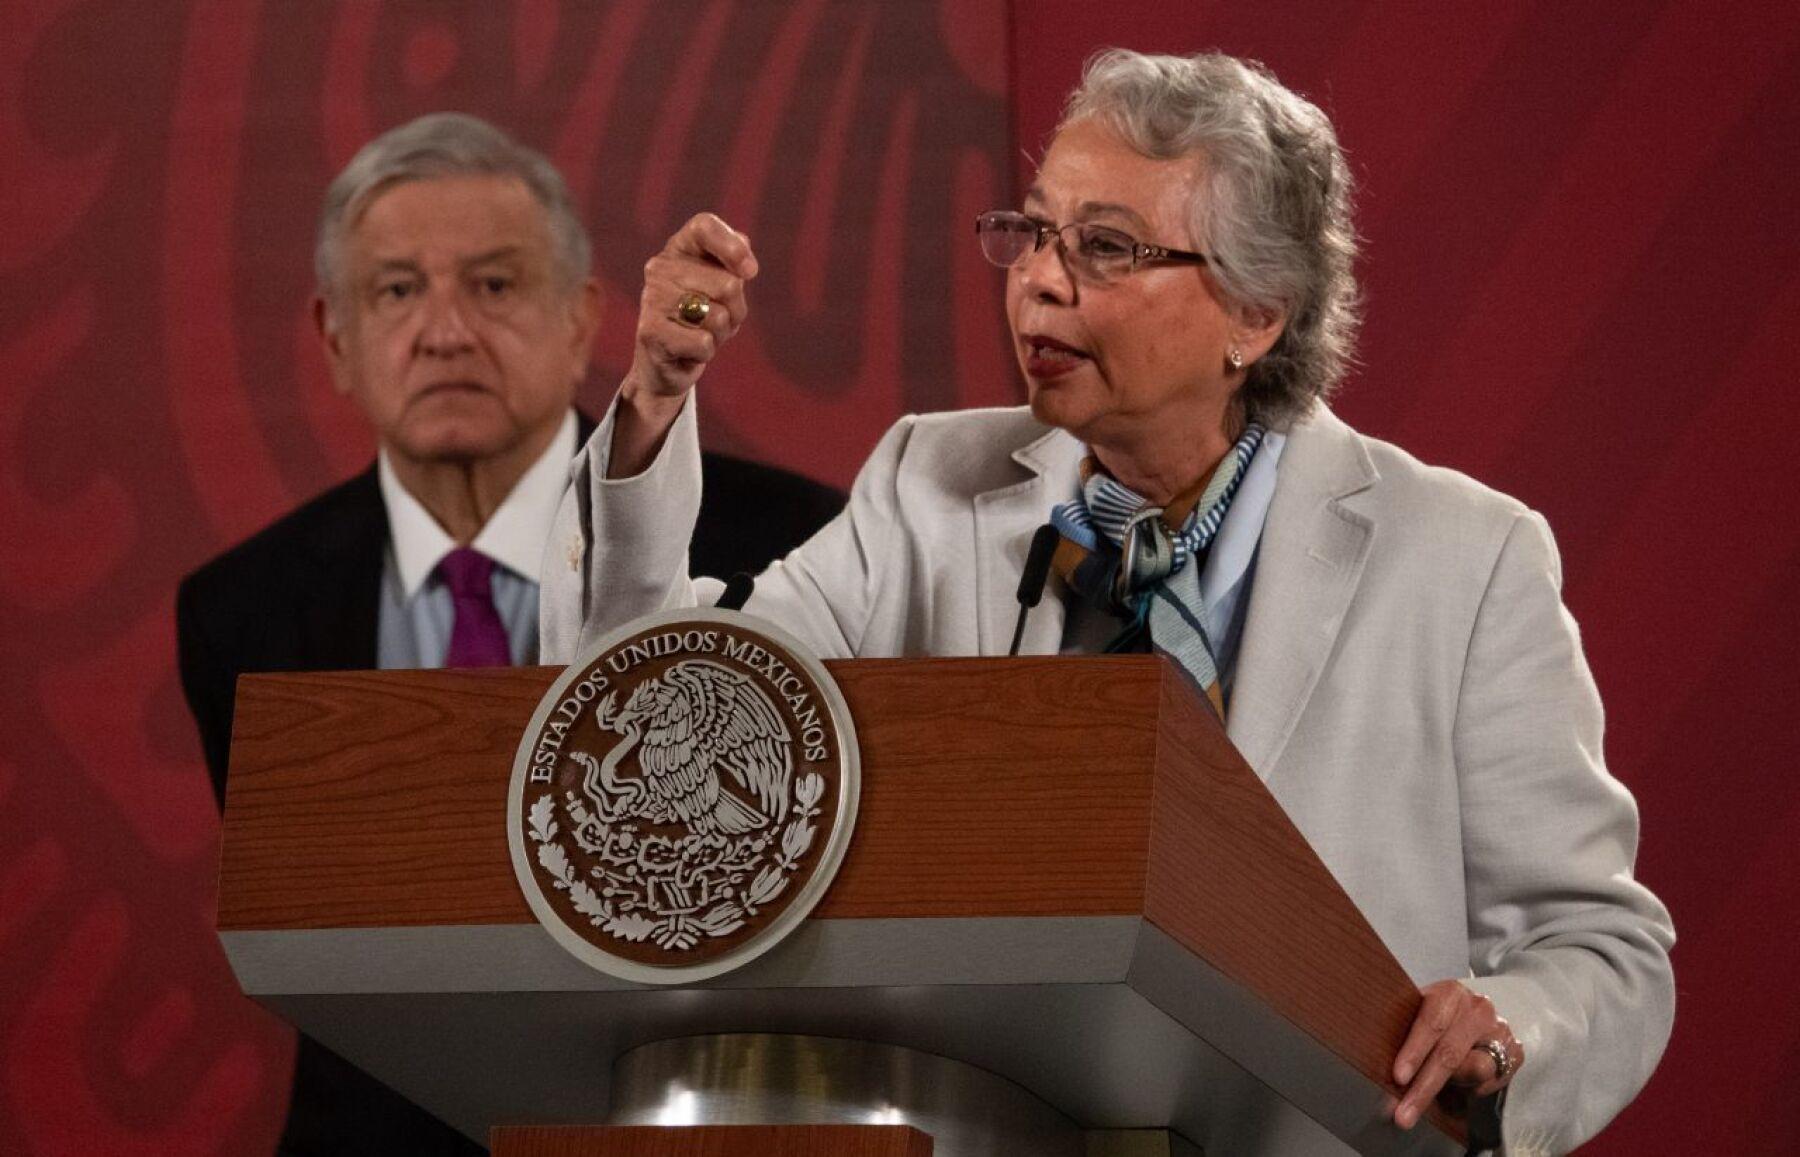 Andrés Manuel López Obrador, presidente de México, acompañado de Olga Sánchez Cordero, secretaria de Gobernación, durante la conferencia matutina en Palacio Nacional